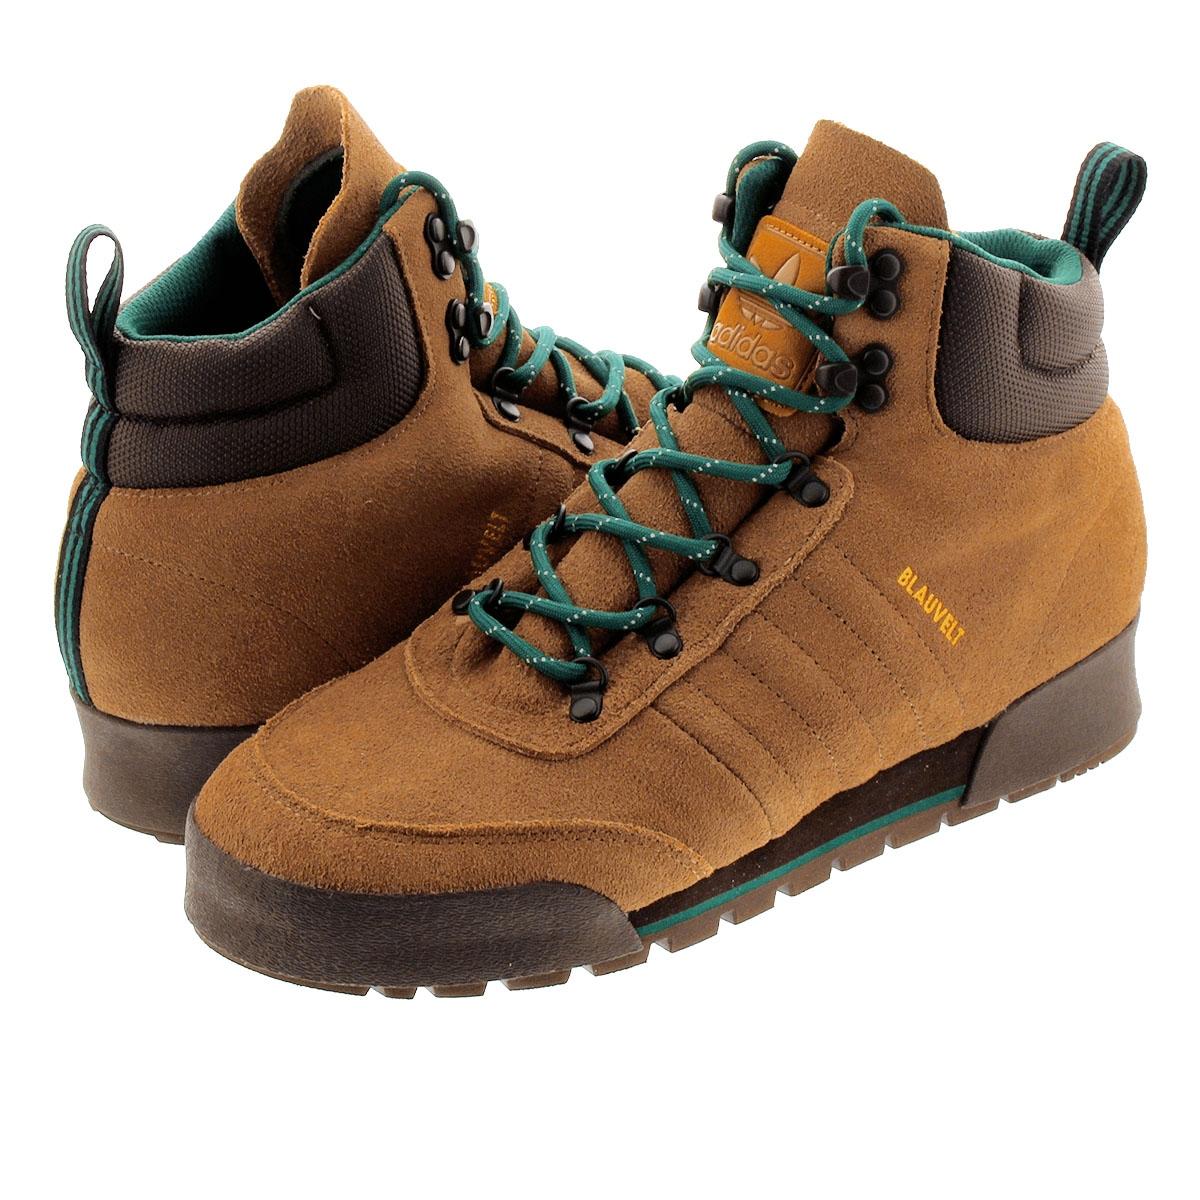 【毎日がお得!値下げプライス】 adidas JAKE BOOT 2.0 アディダス ジェイク ブーツ 2.0 RAW DESERT/BROWN/COLLEGIATE GREEN ee6206